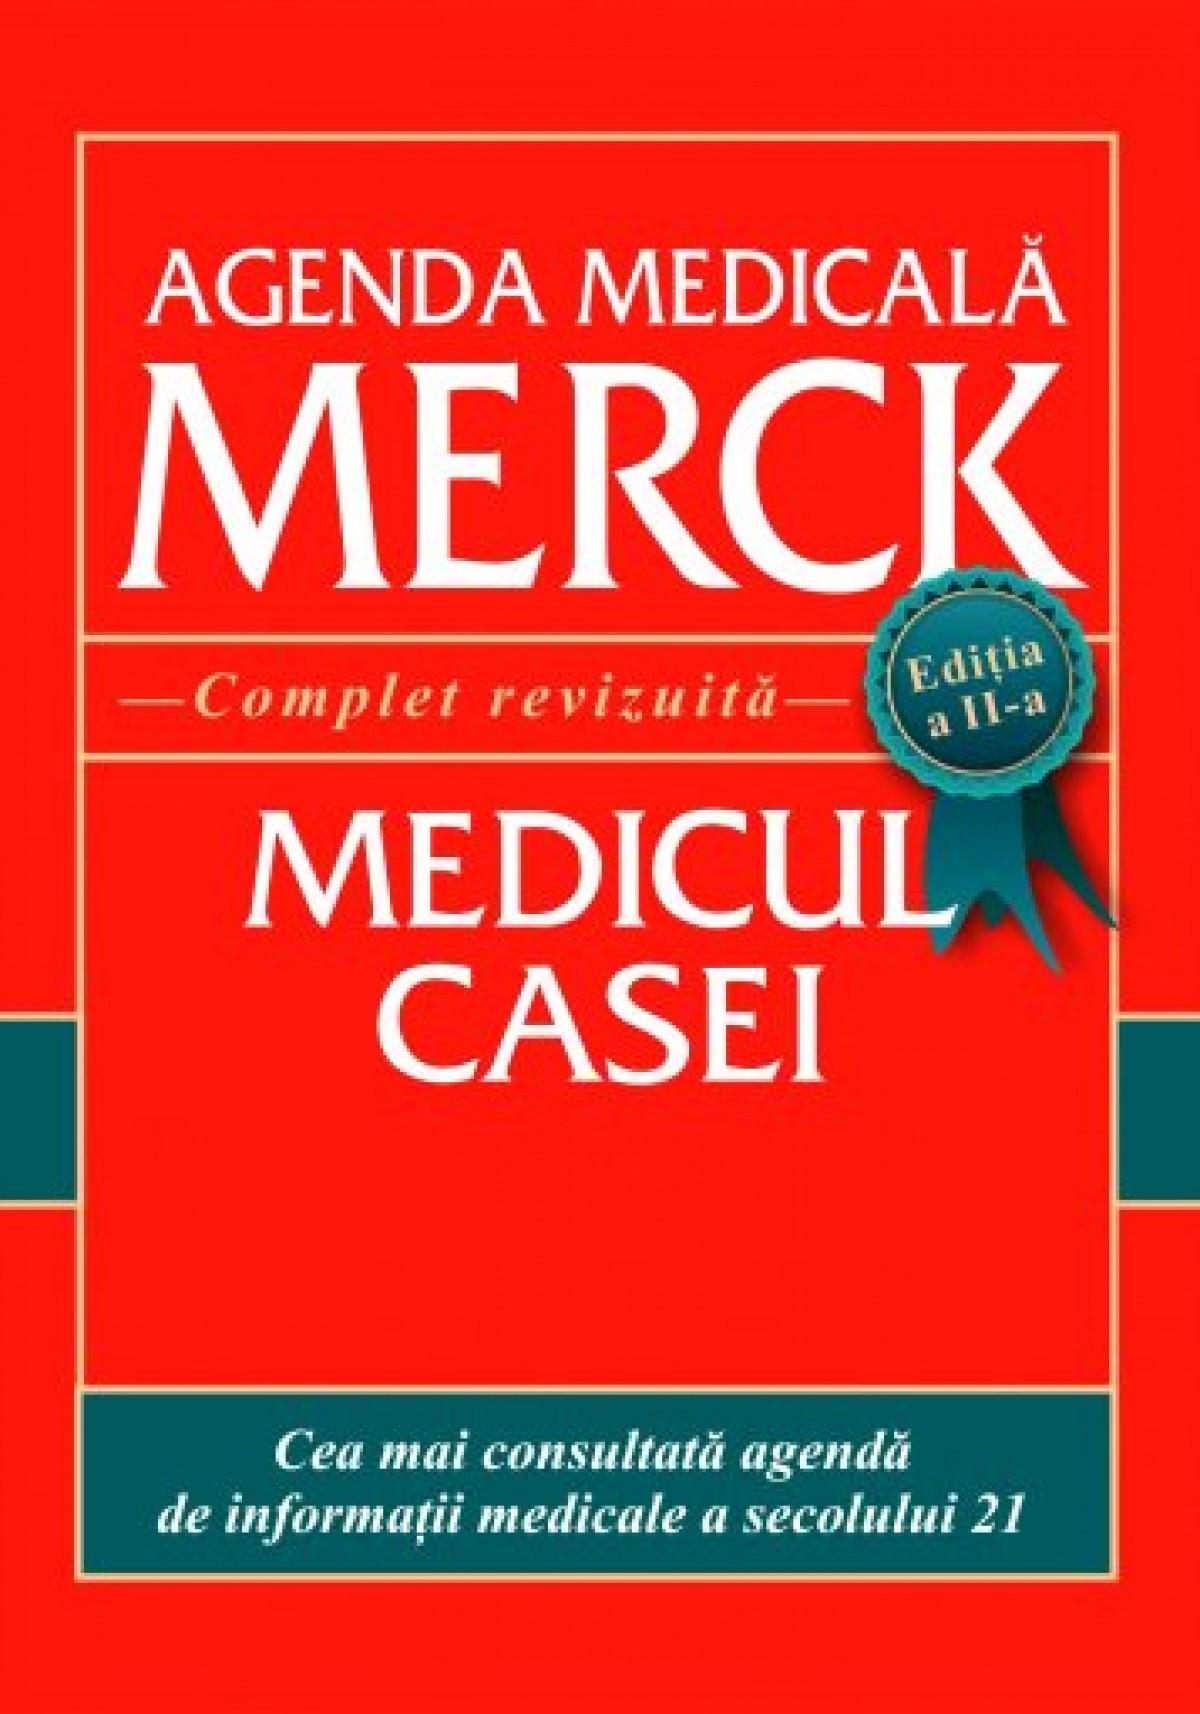 Agenda medicala Merck. Medicul casei